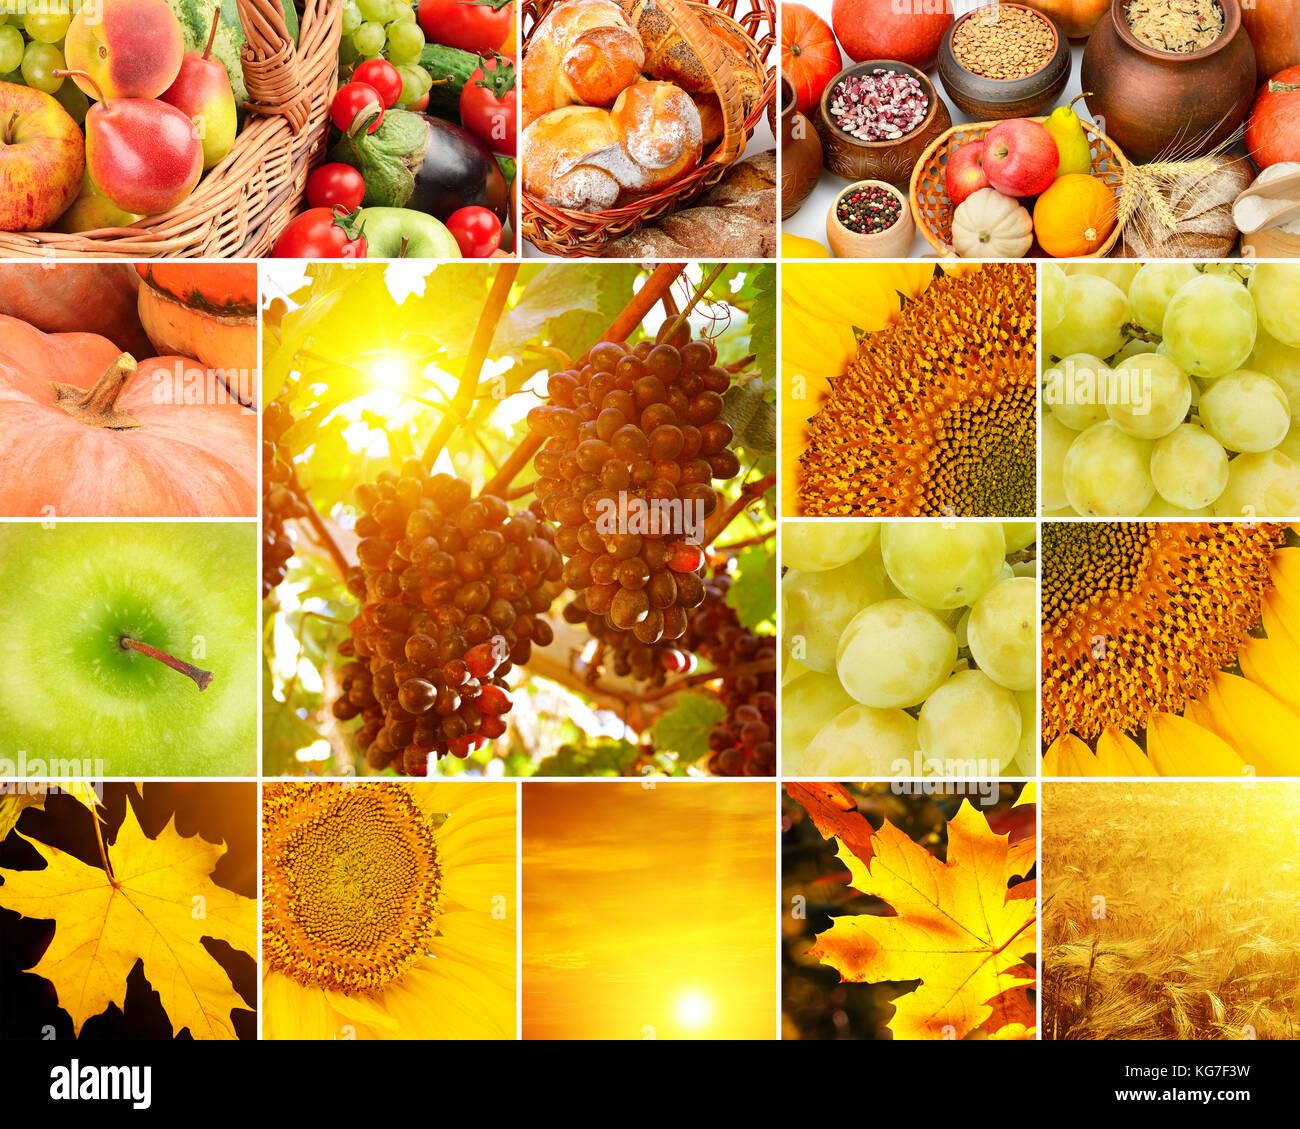 Autunno collage di frutta e verdura foglie di giallo - Immagini di quadrifoglio a quattro foglie ...